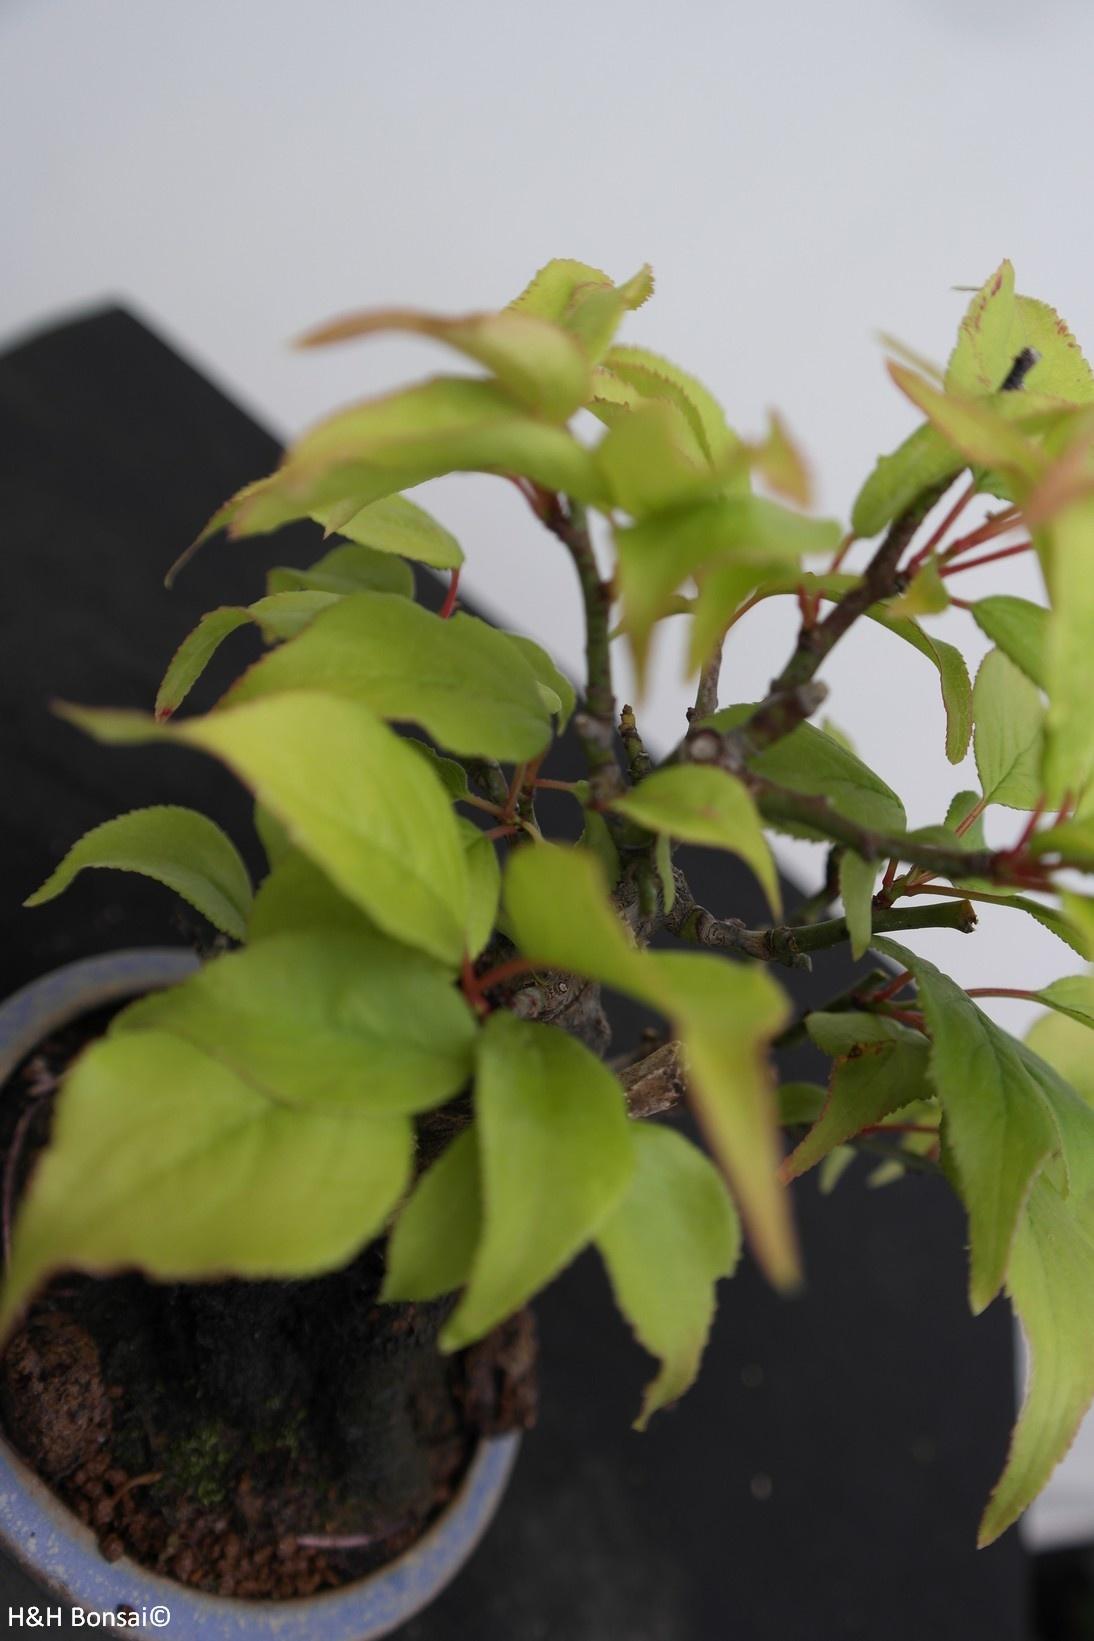 Bonsai Shohin Prunus mume, Japanse abrikoos, nr. 7779